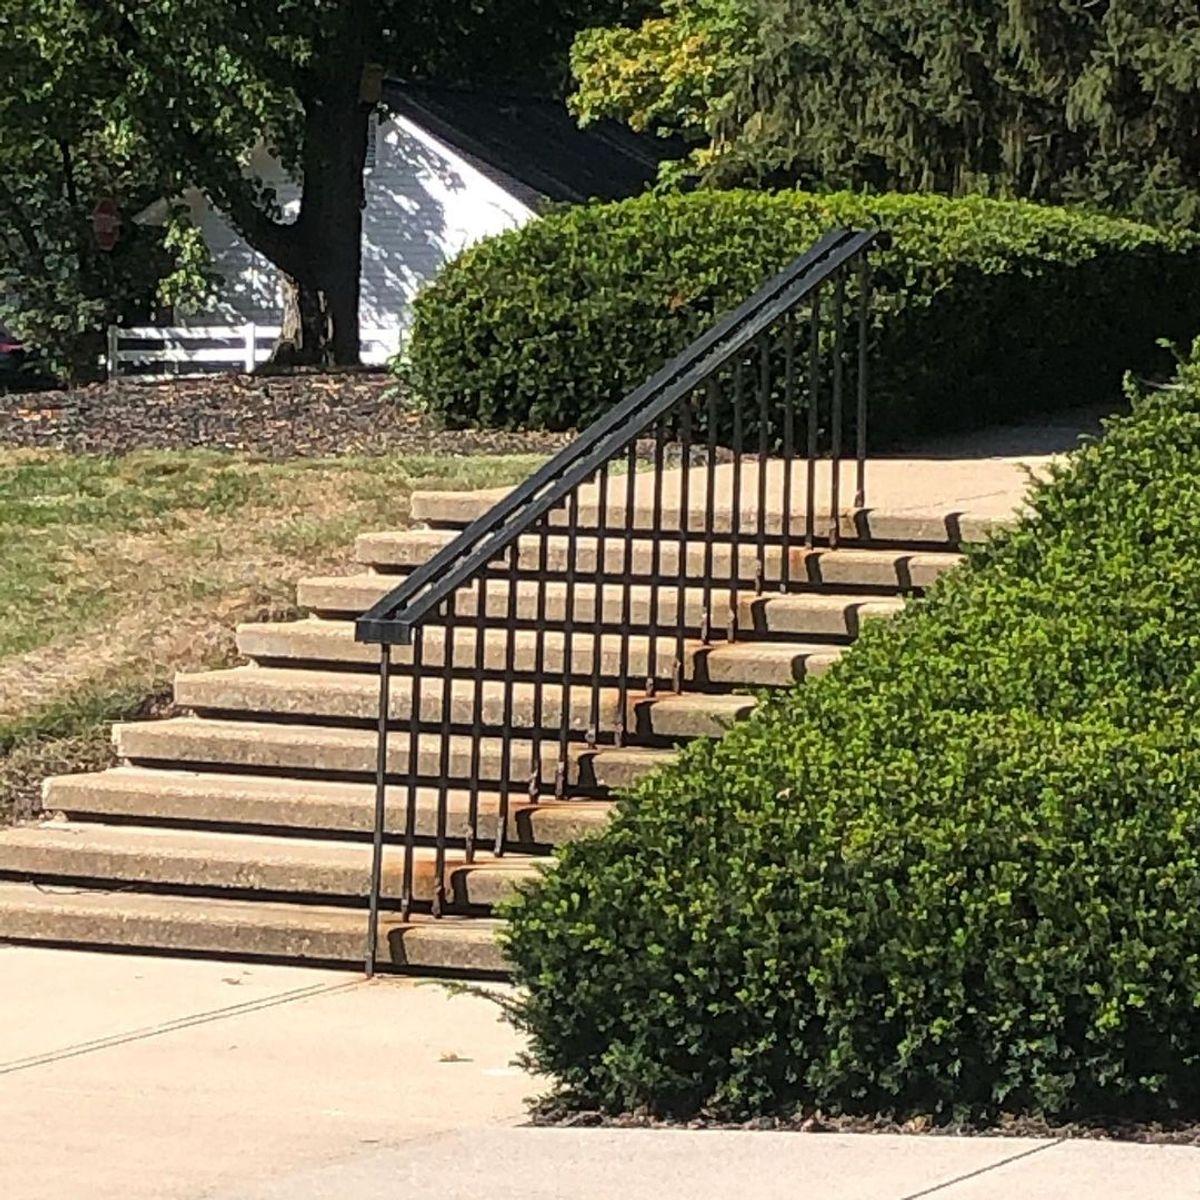 Image for skate spot Otterbein University - 9 Stair Rail